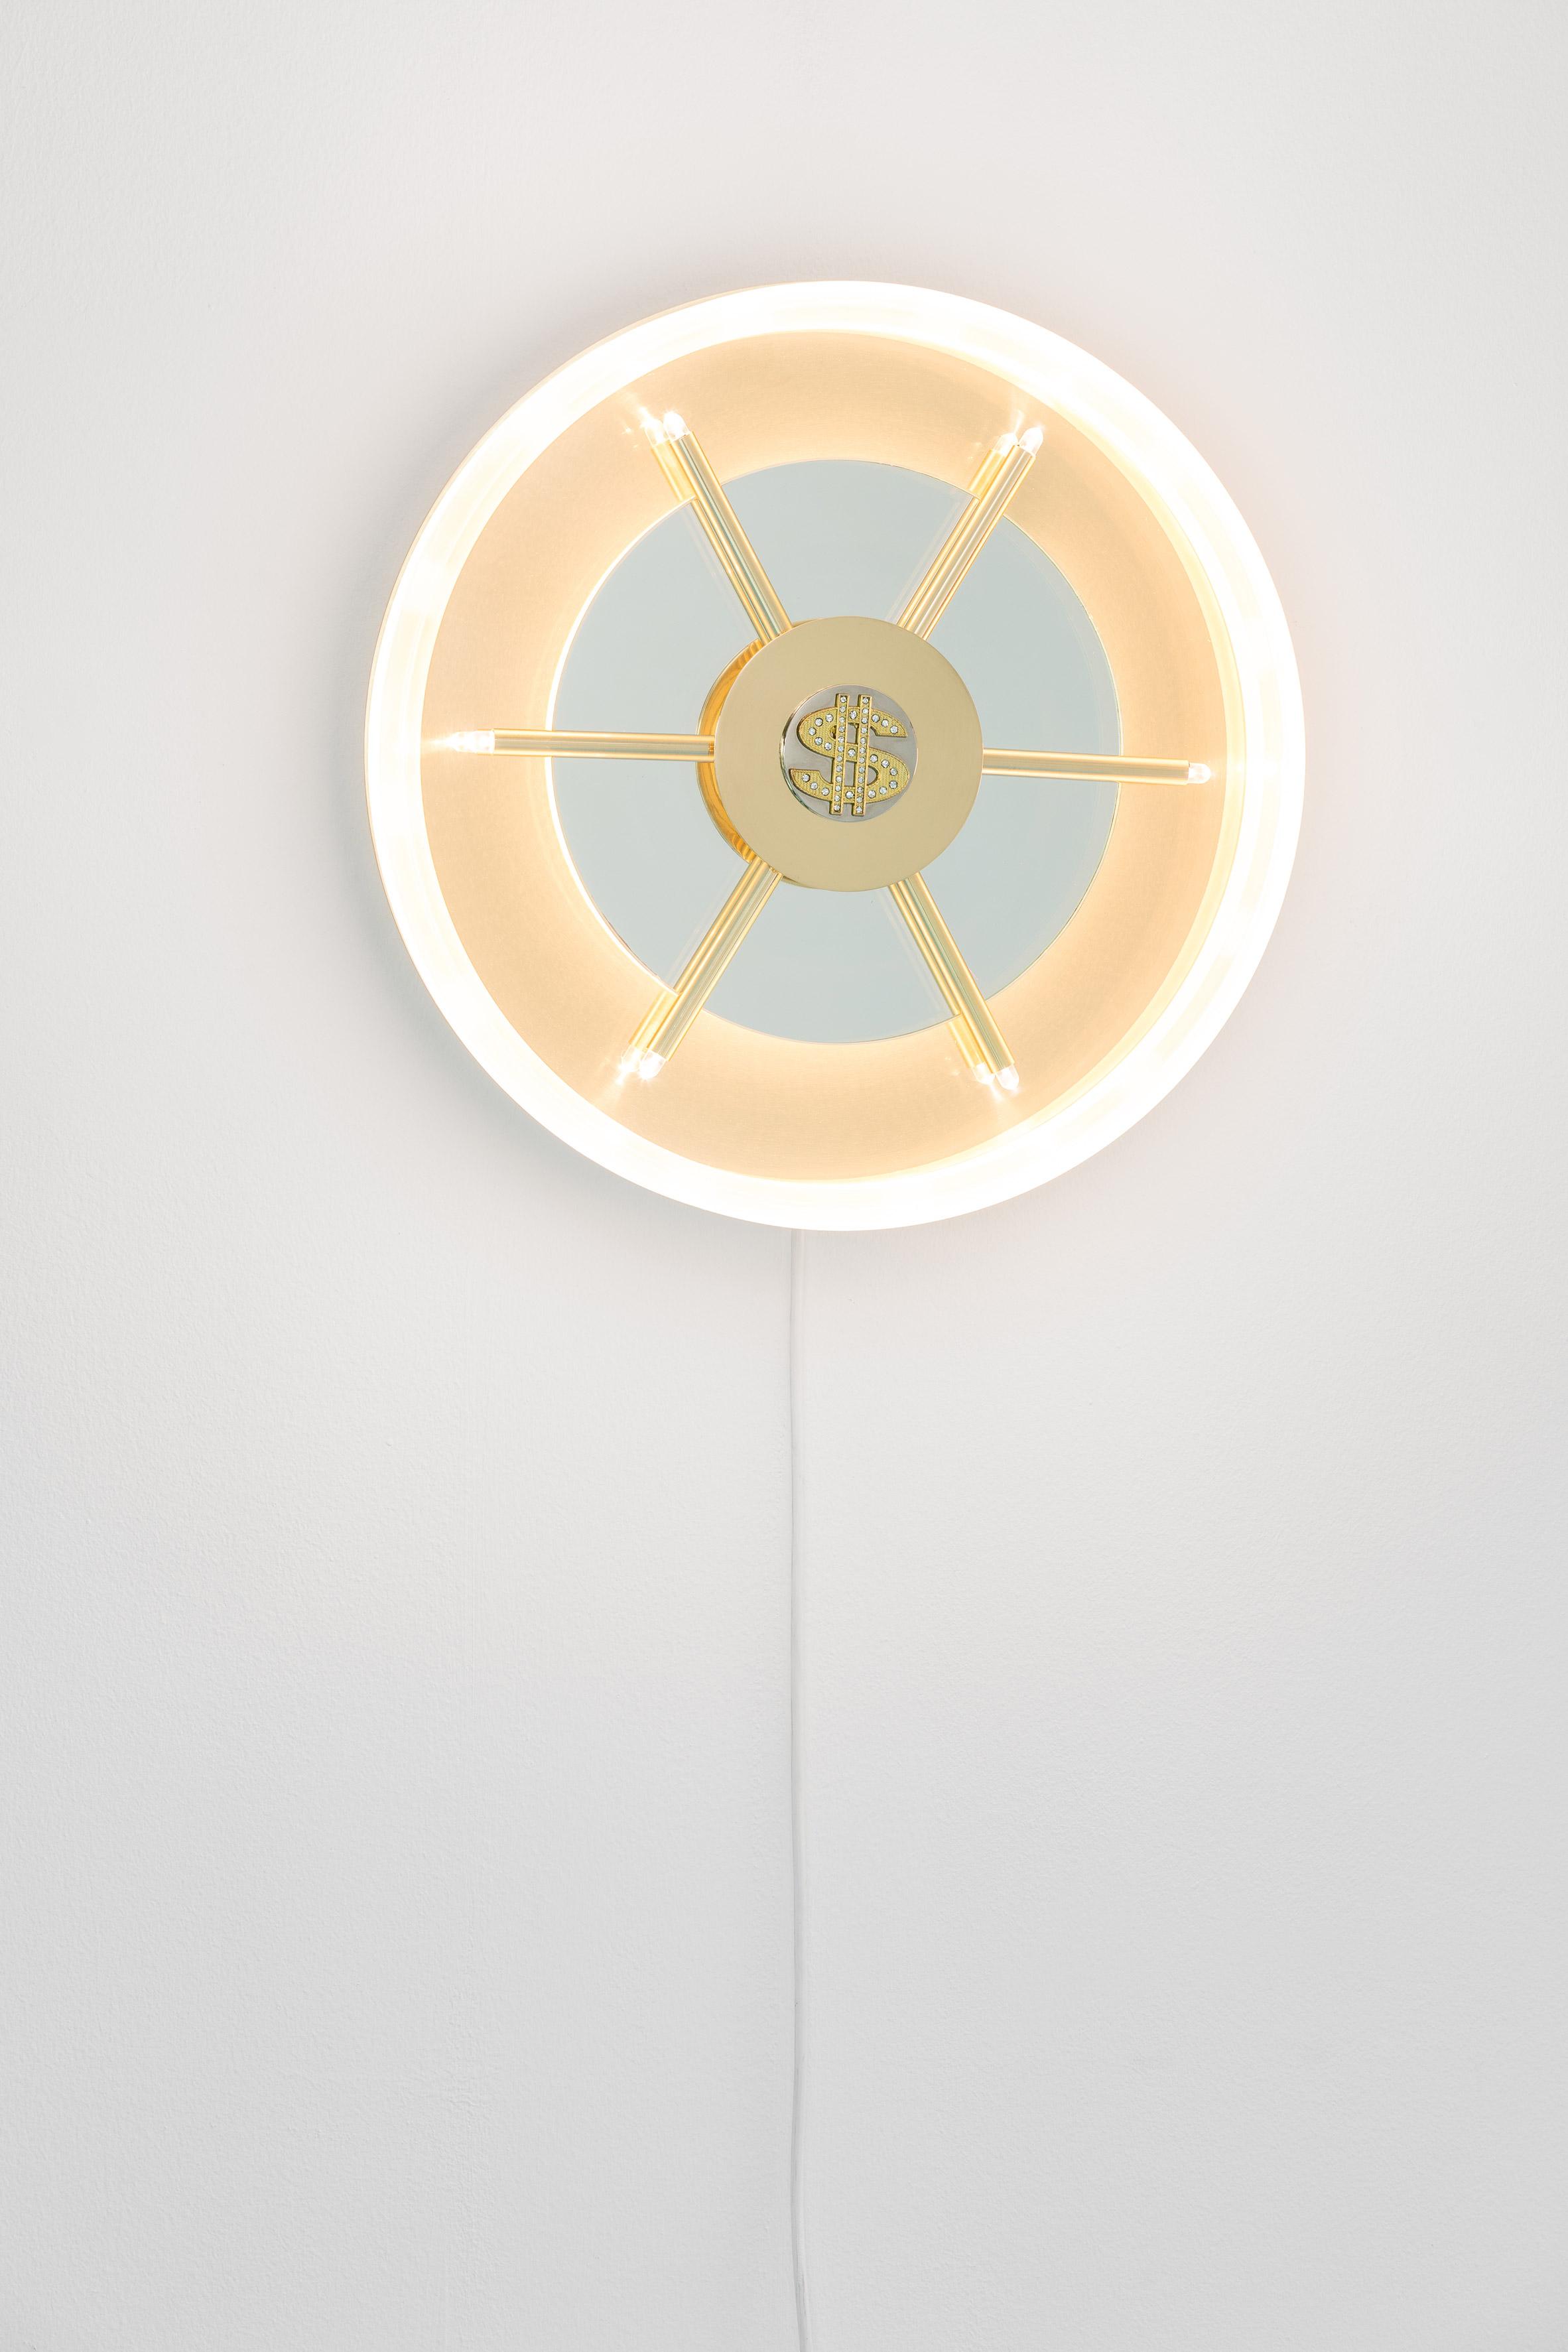 god-atelier-biagetti-milan-design-installation-exhibition-_dezeen_2364_col_0.jpg